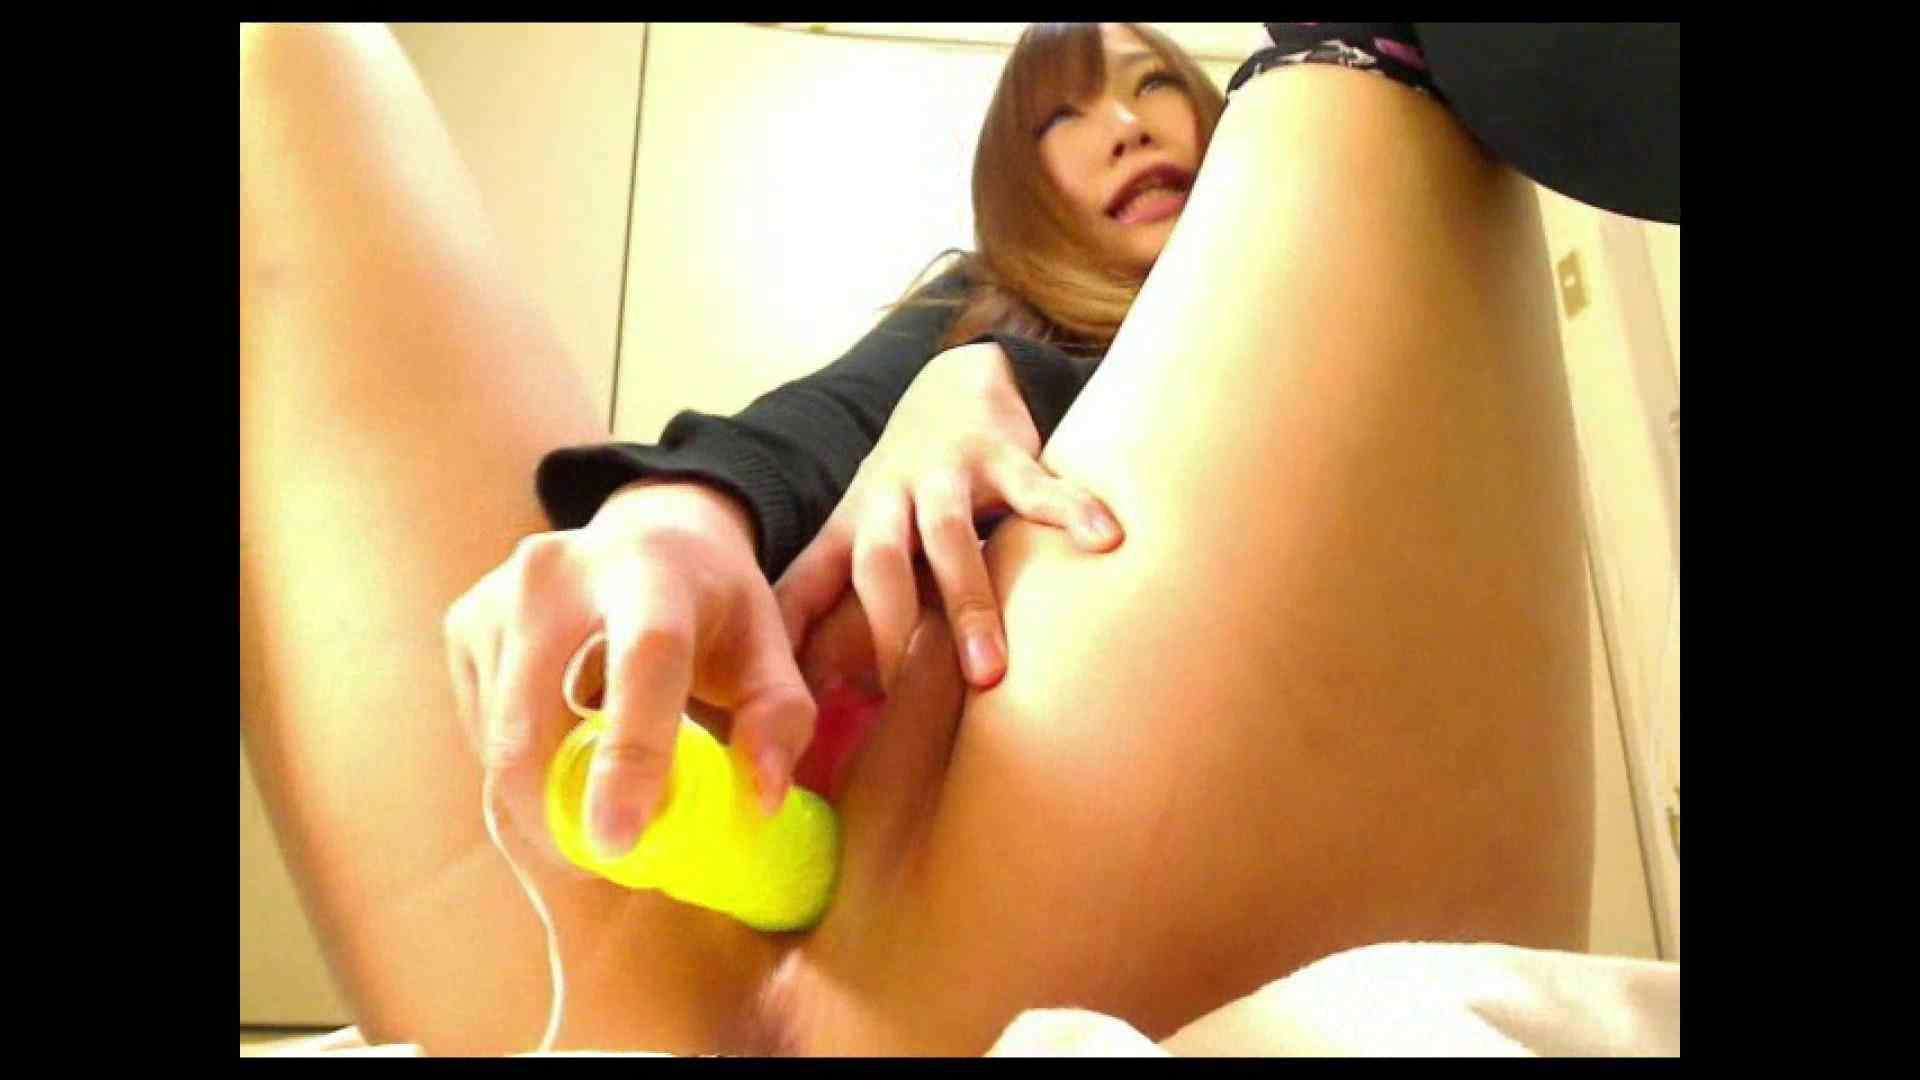 アヘ顔のわたしってどうかしら Vol.10 HなOL | オナニー  51pic 34